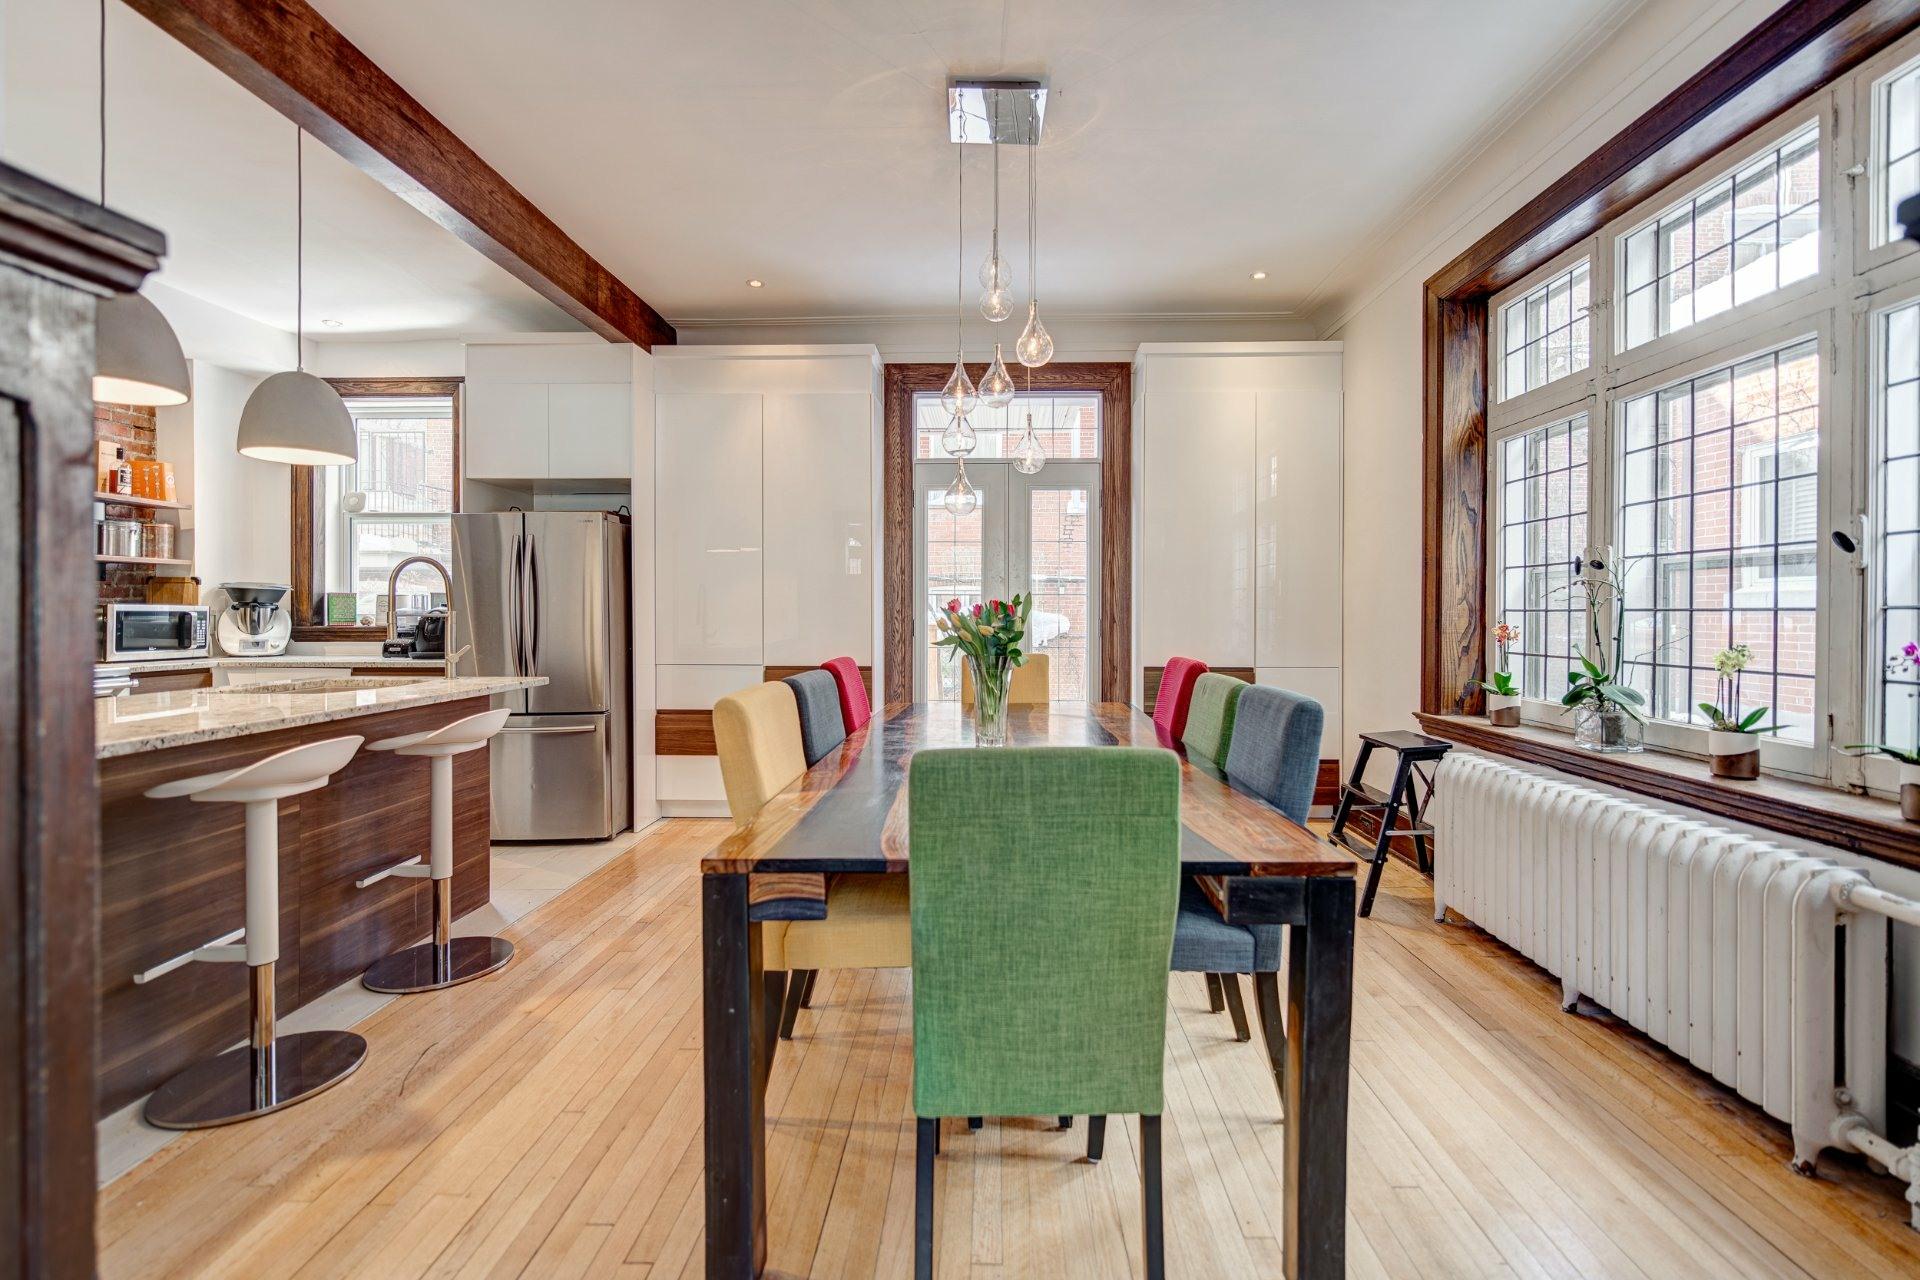 image 12 - House For sale Côte-des-Neiges/Notre-Dame-de-Grâce Montréal  - 10 rooms